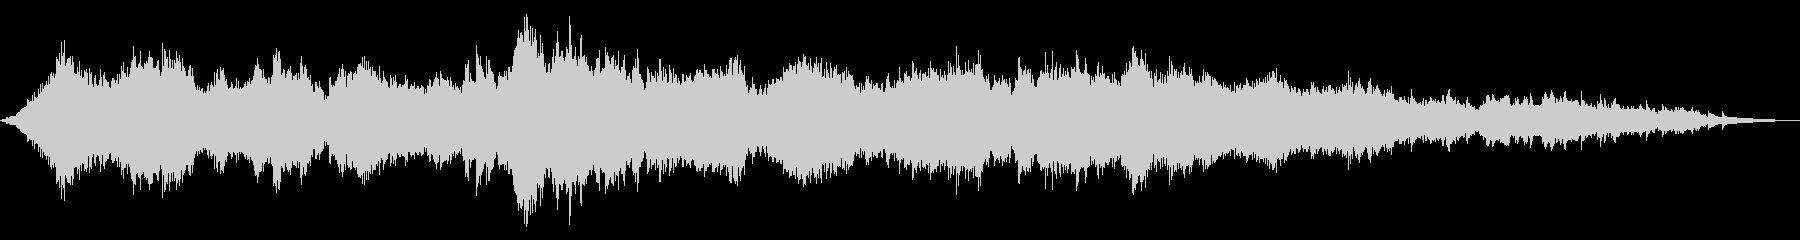 さざ波をイメージしたヒーリングサウンドの未再生の波形